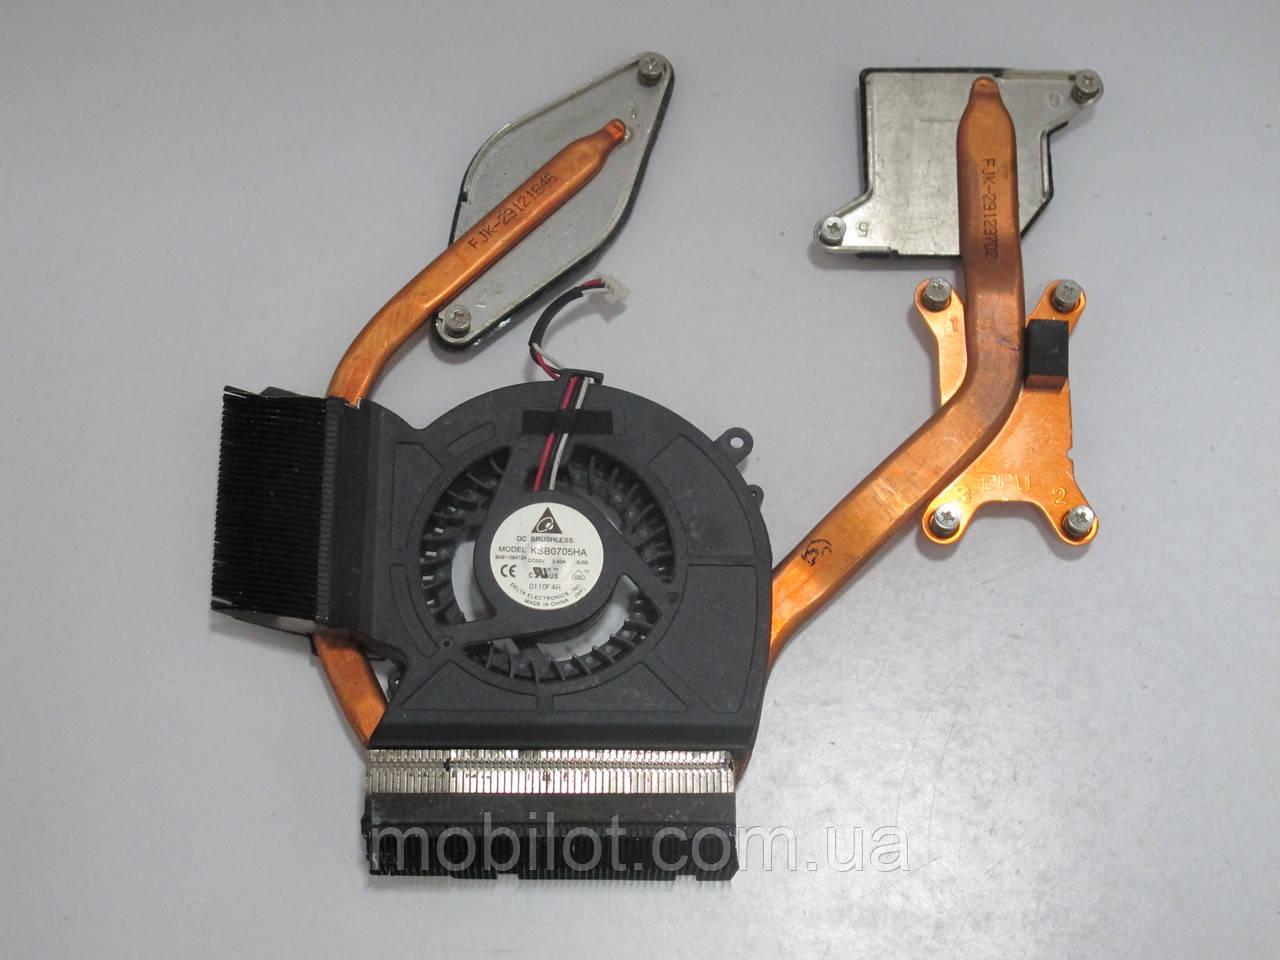 Система охлаждения Samsung R530 (NZ-7229)